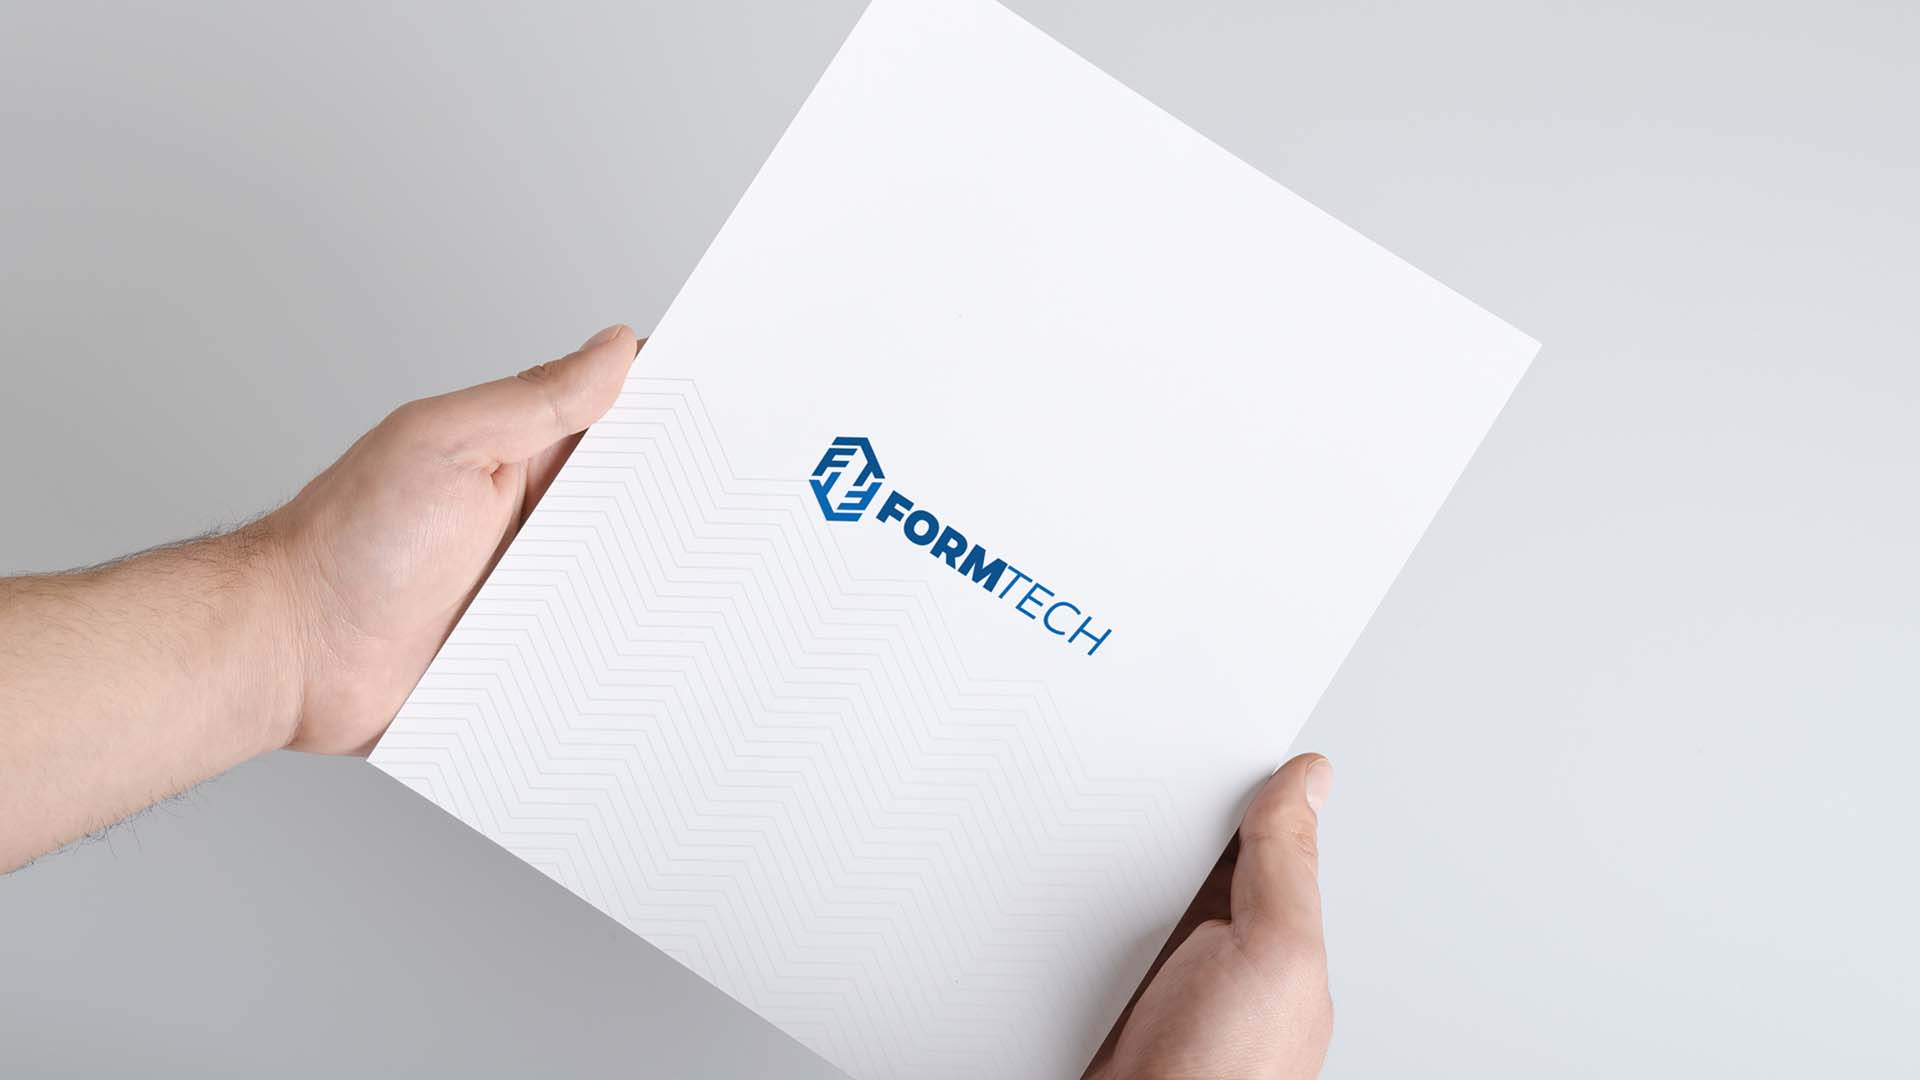 Formtech-Kurumsal-Kimlik-Tasarimi-3